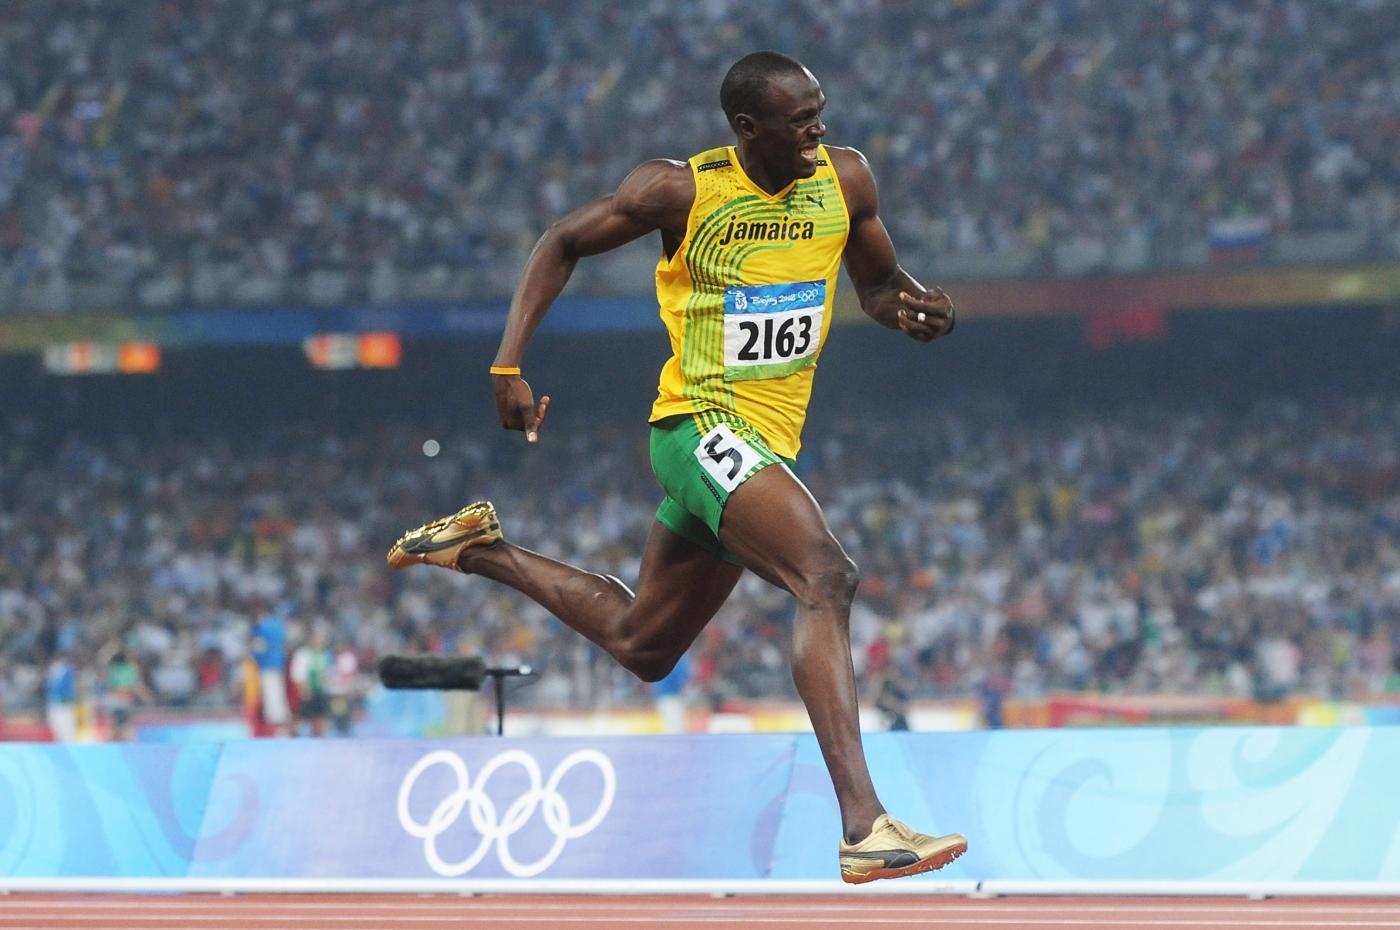 Migliori record olimpici